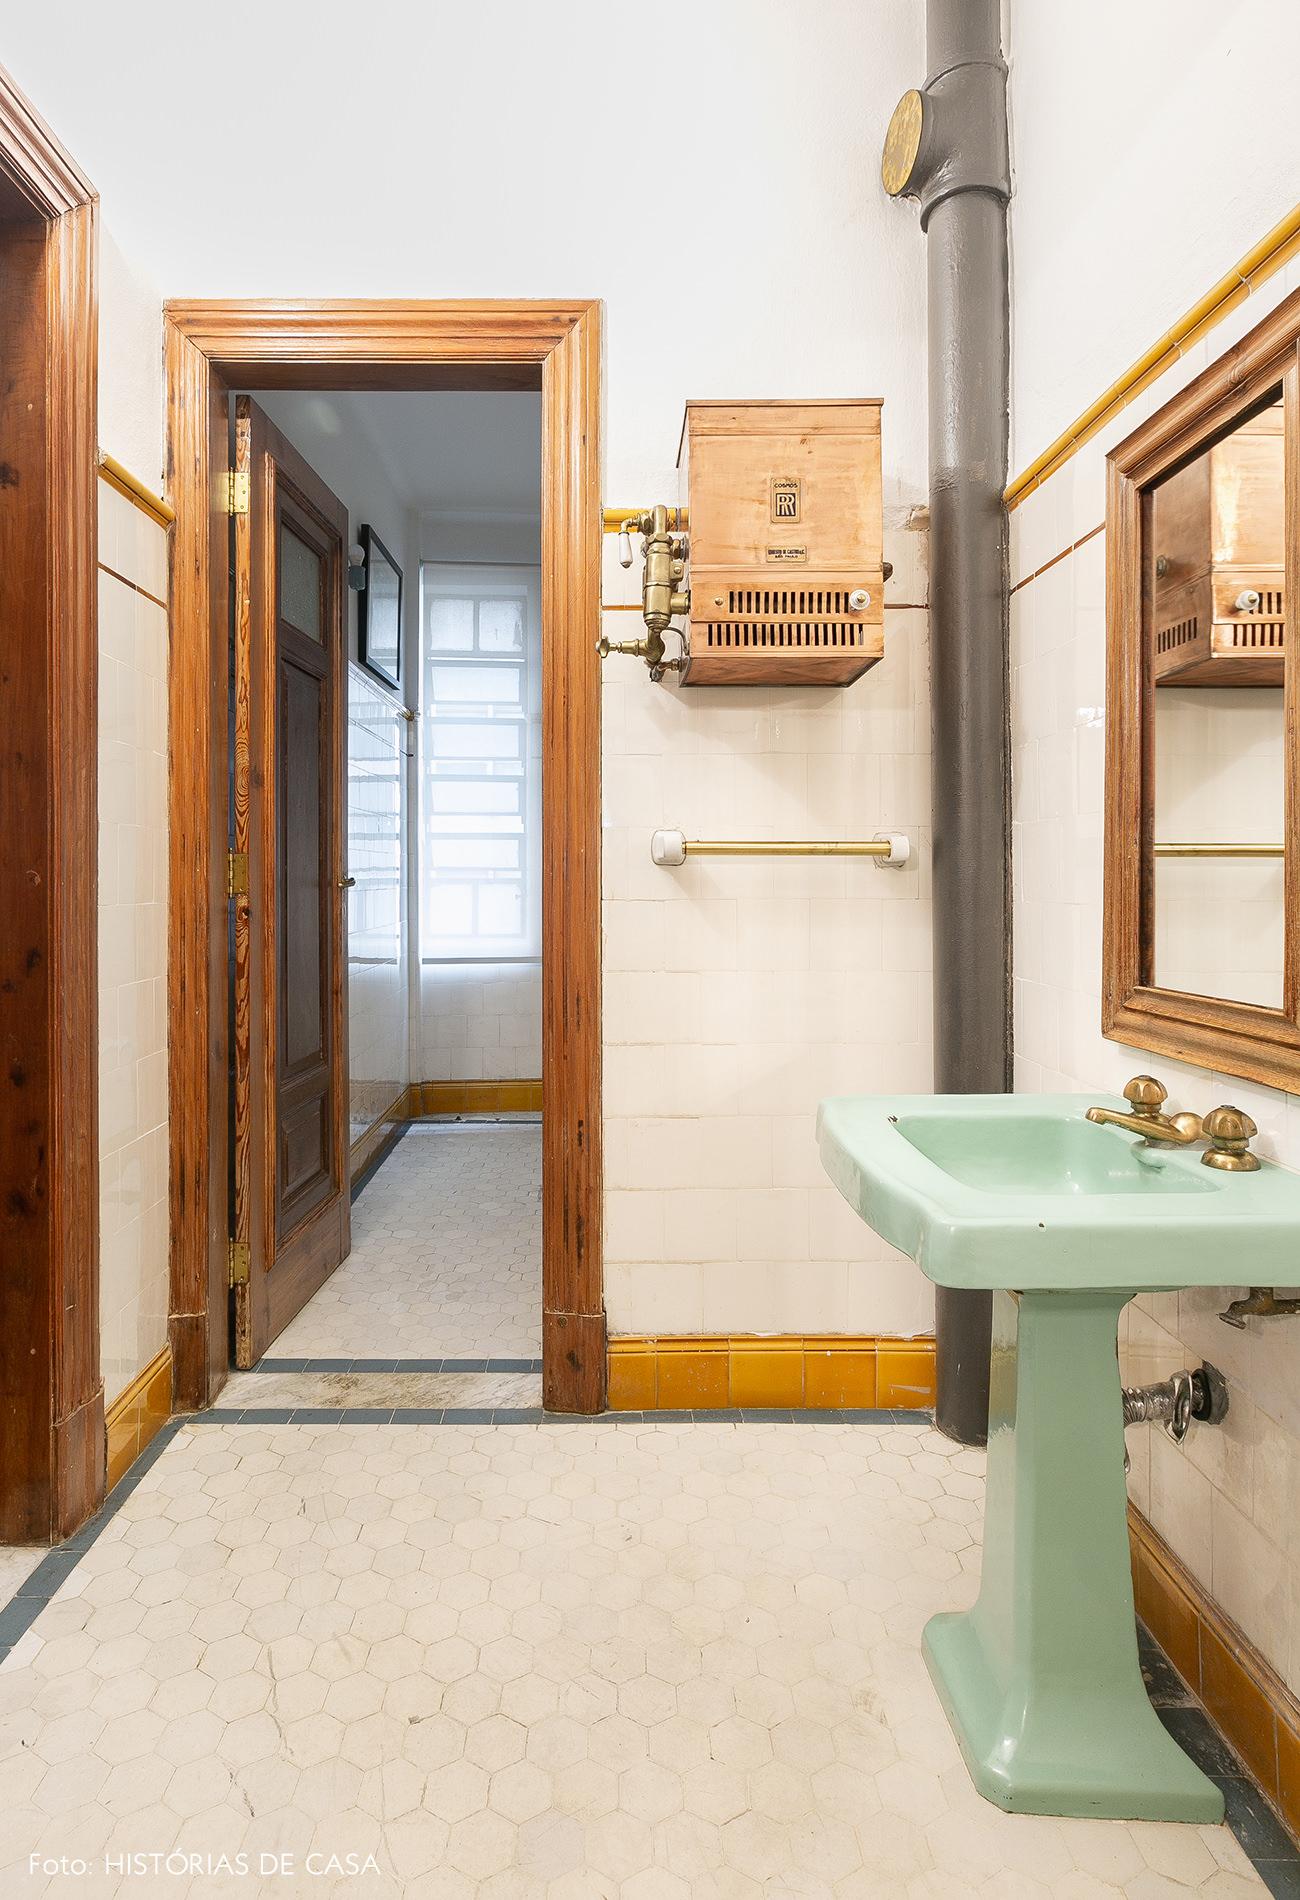 Banheiro antigo restaurado com cuba verde menta